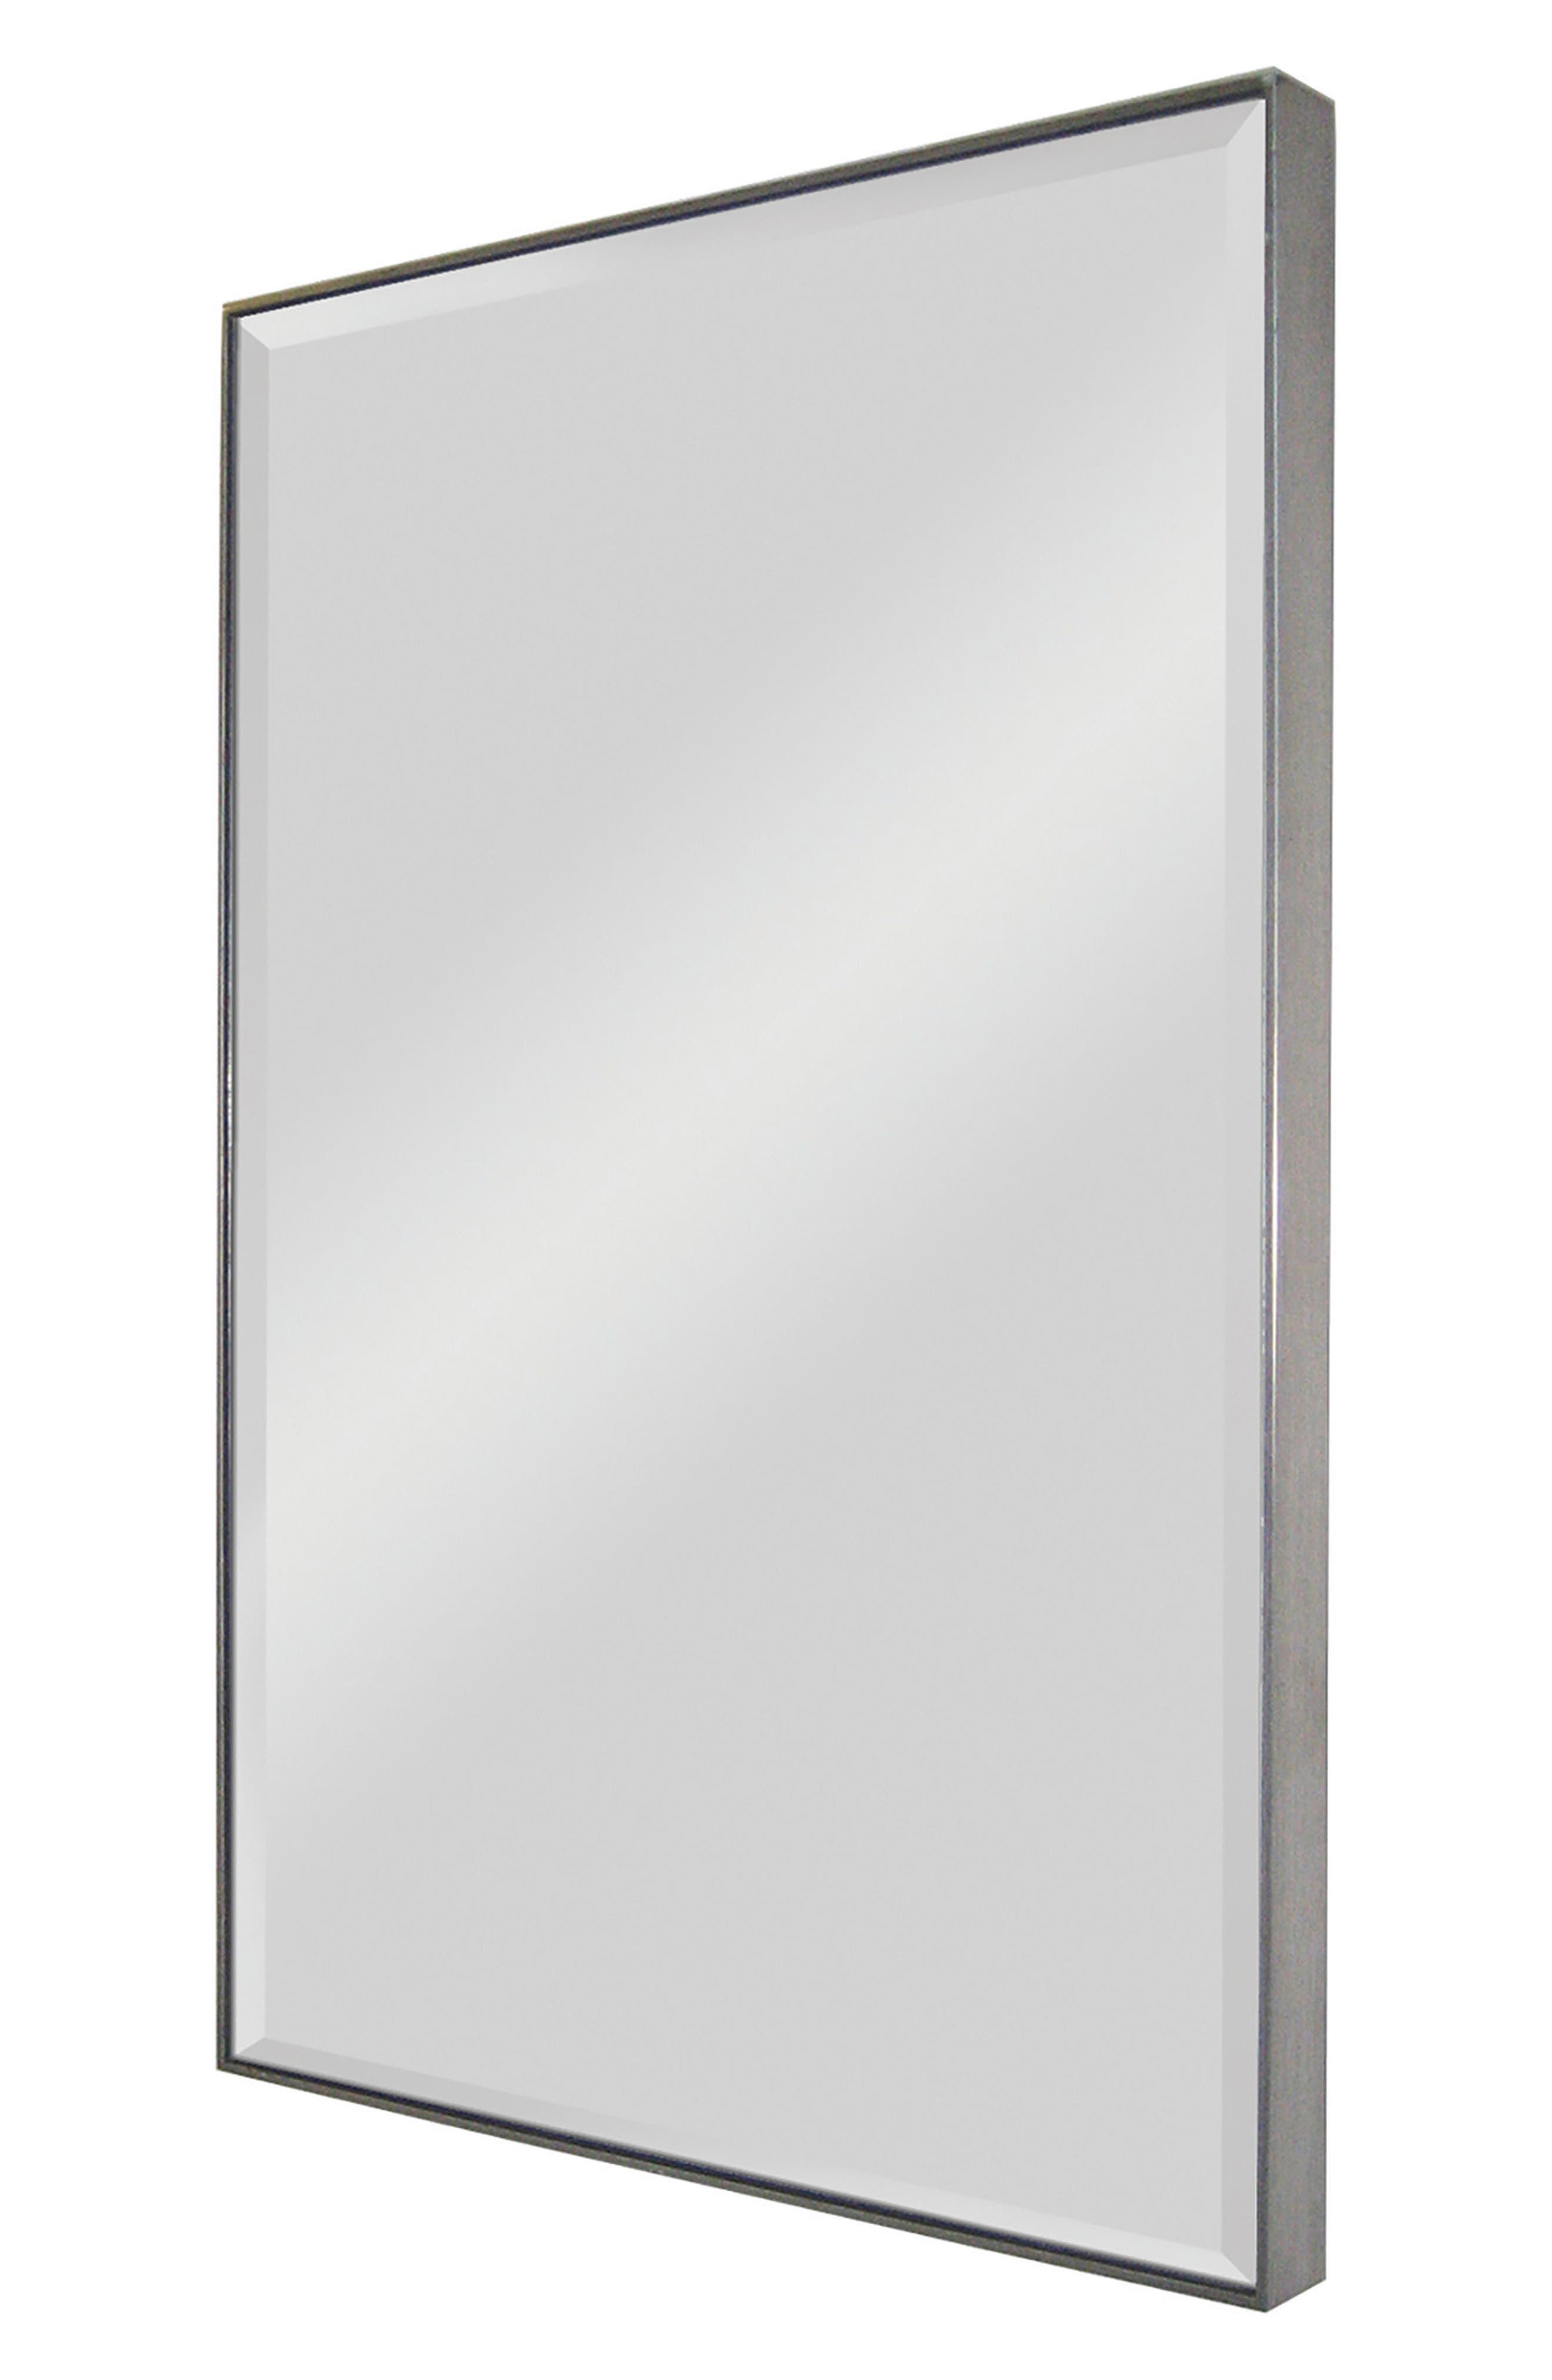 Renwil Onis Mirror